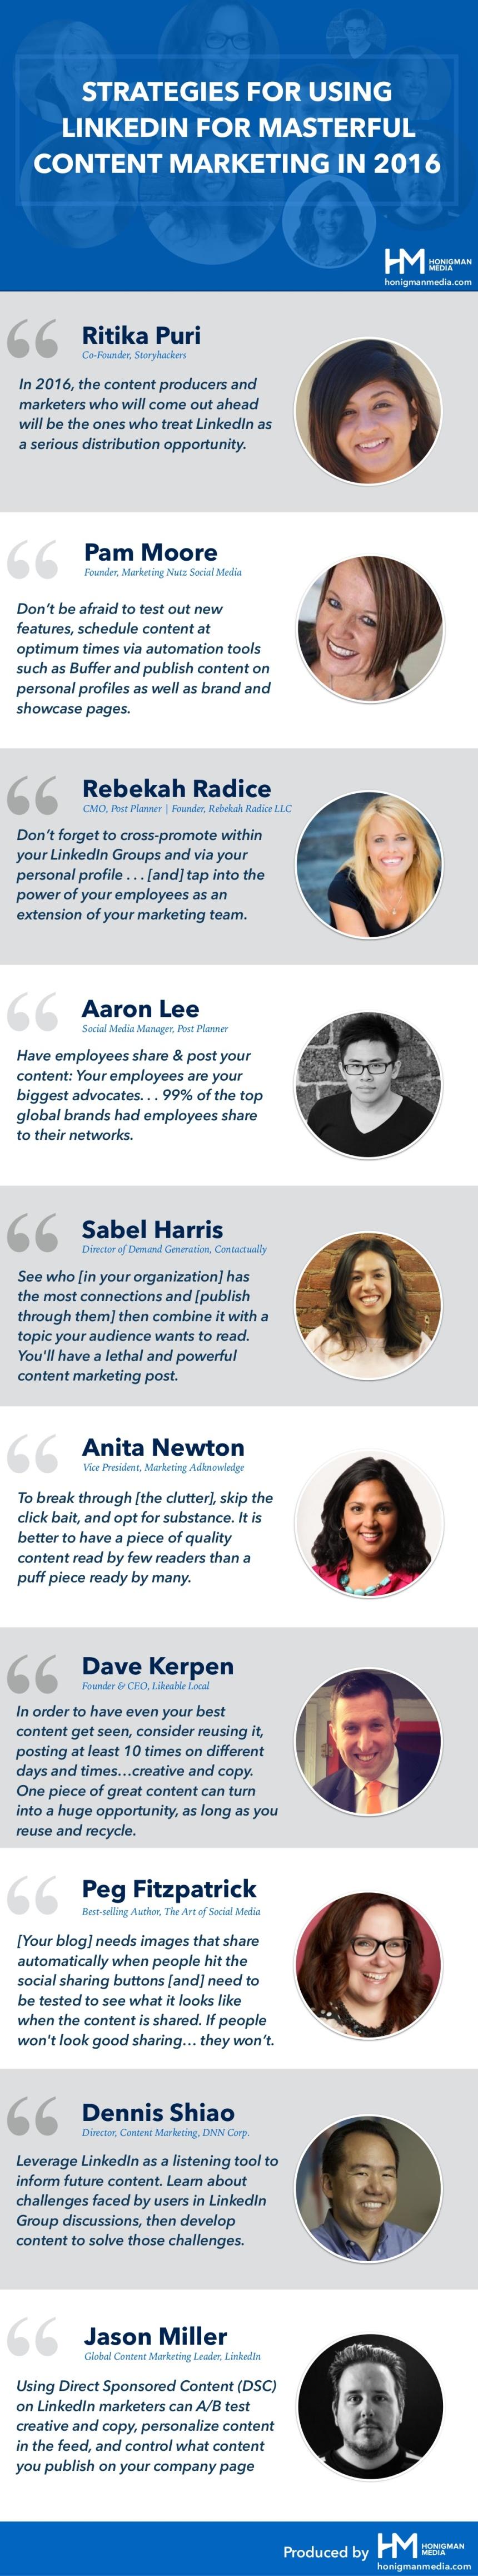 Estrategias en Linkedin para Marketing de contenidos